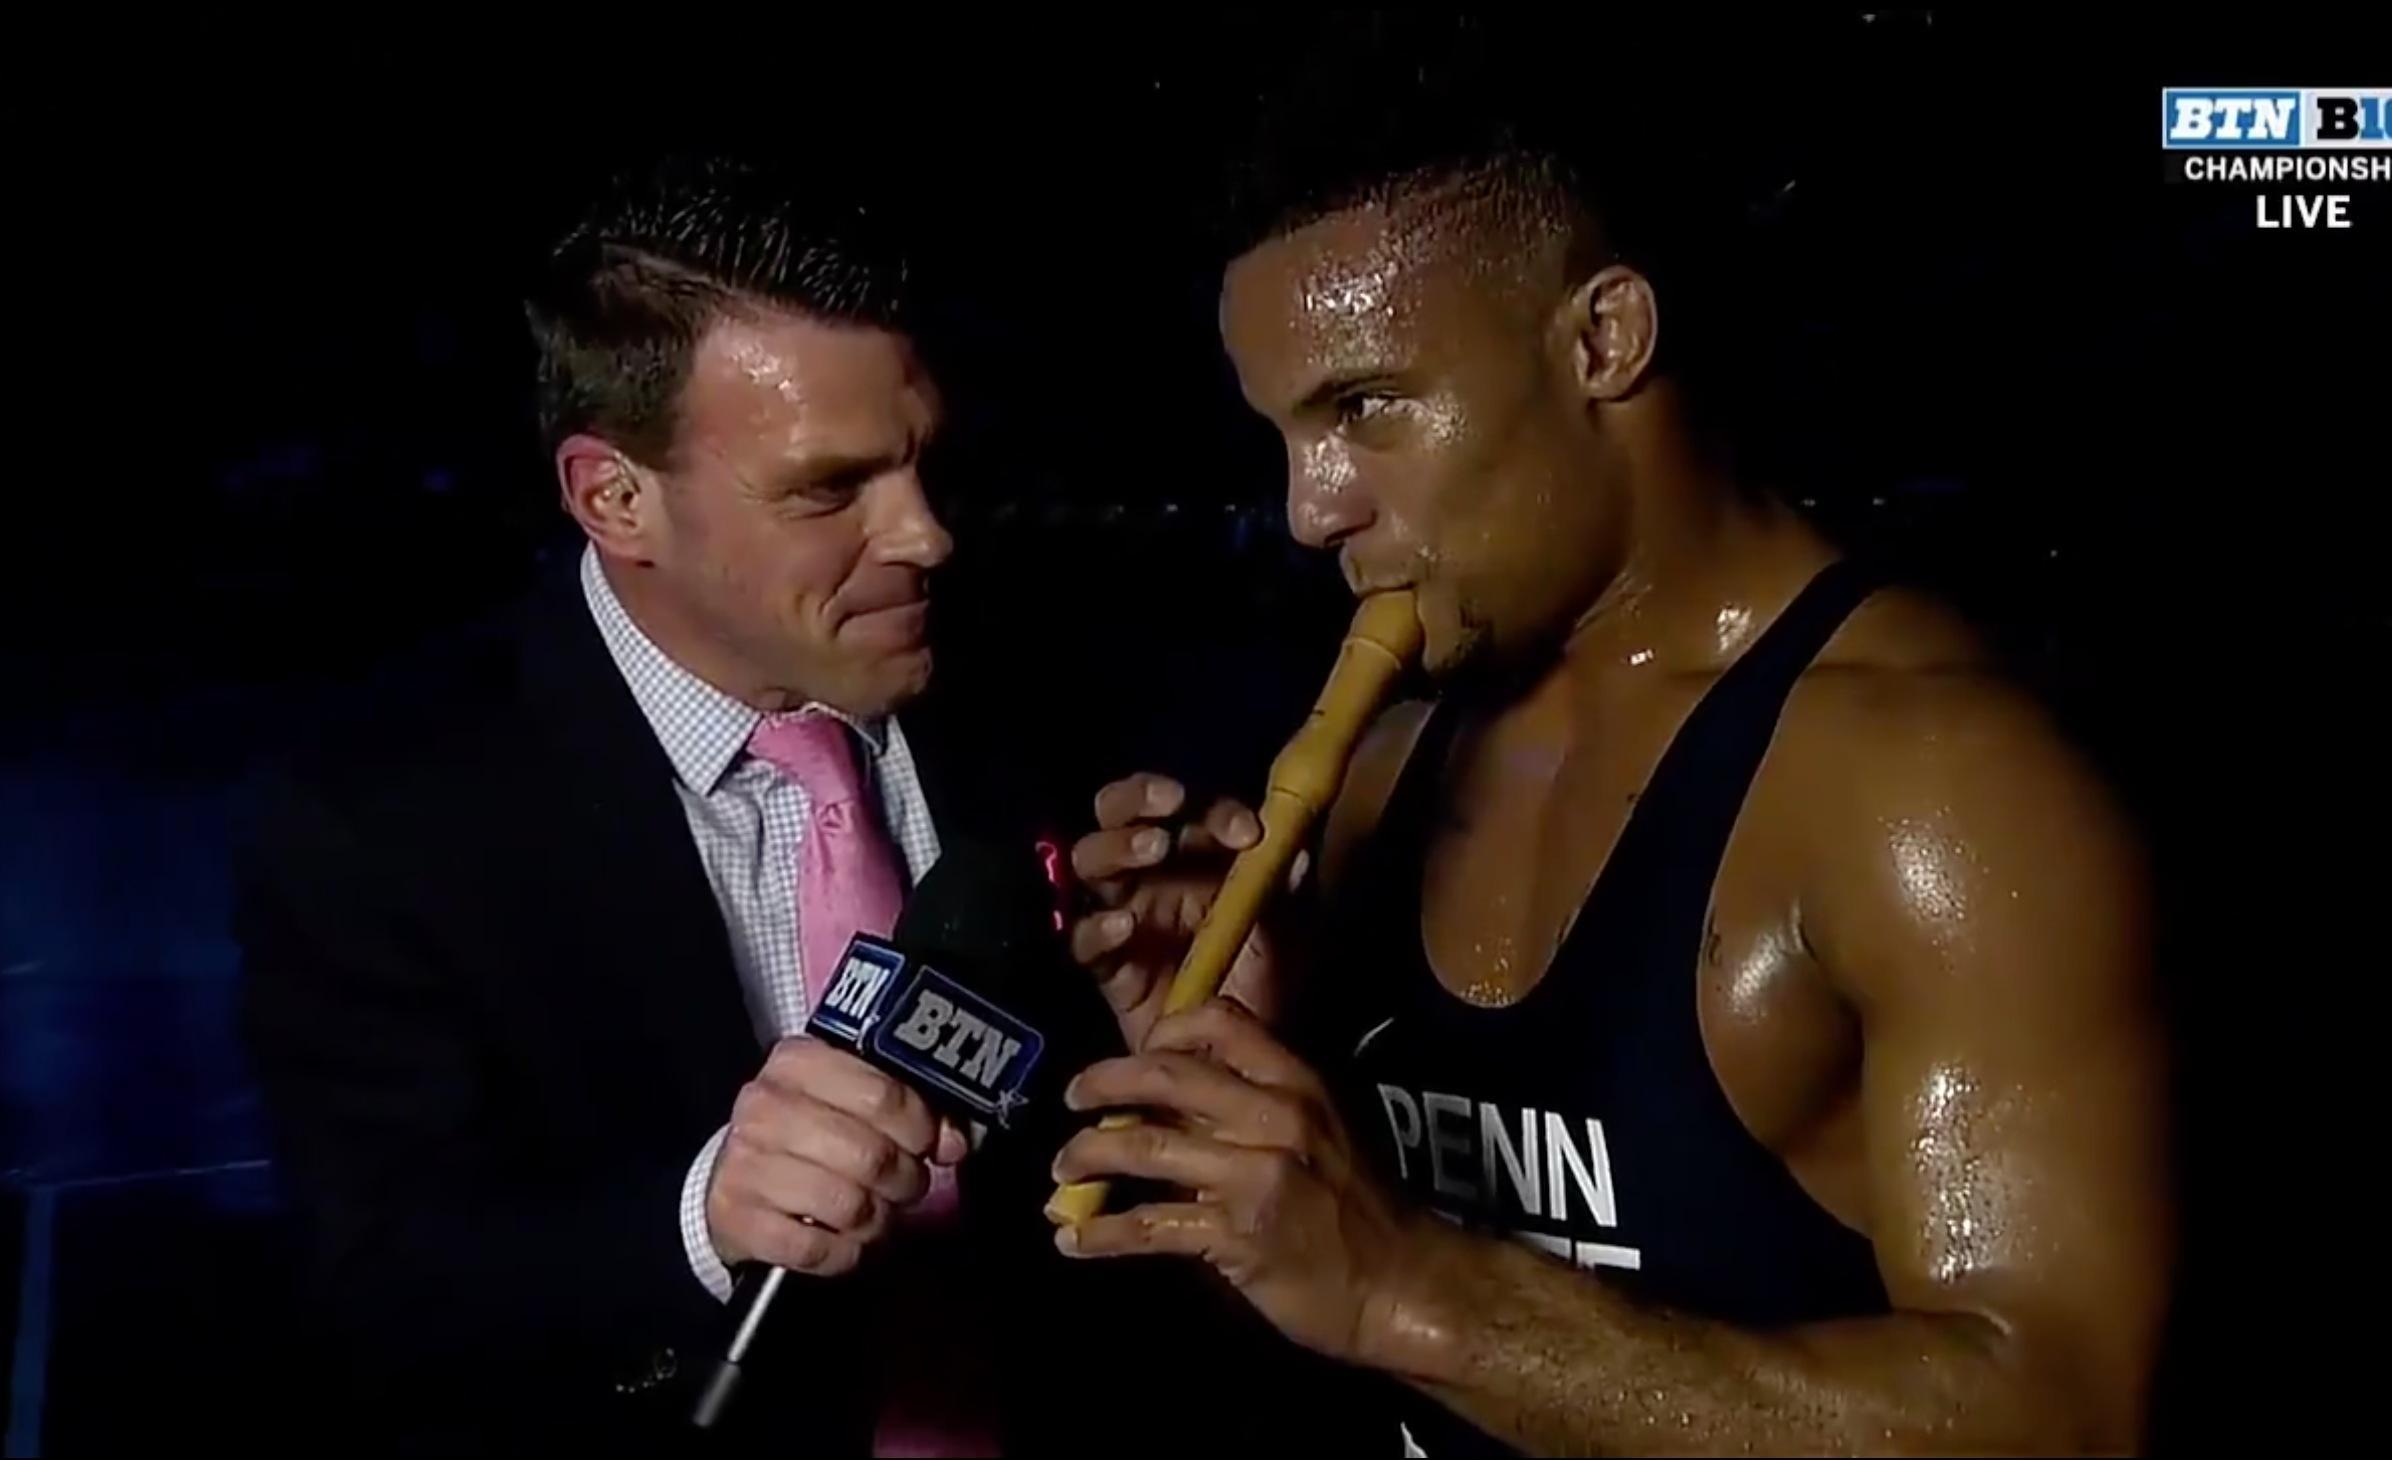 Mark Hall of Penn State wrestling